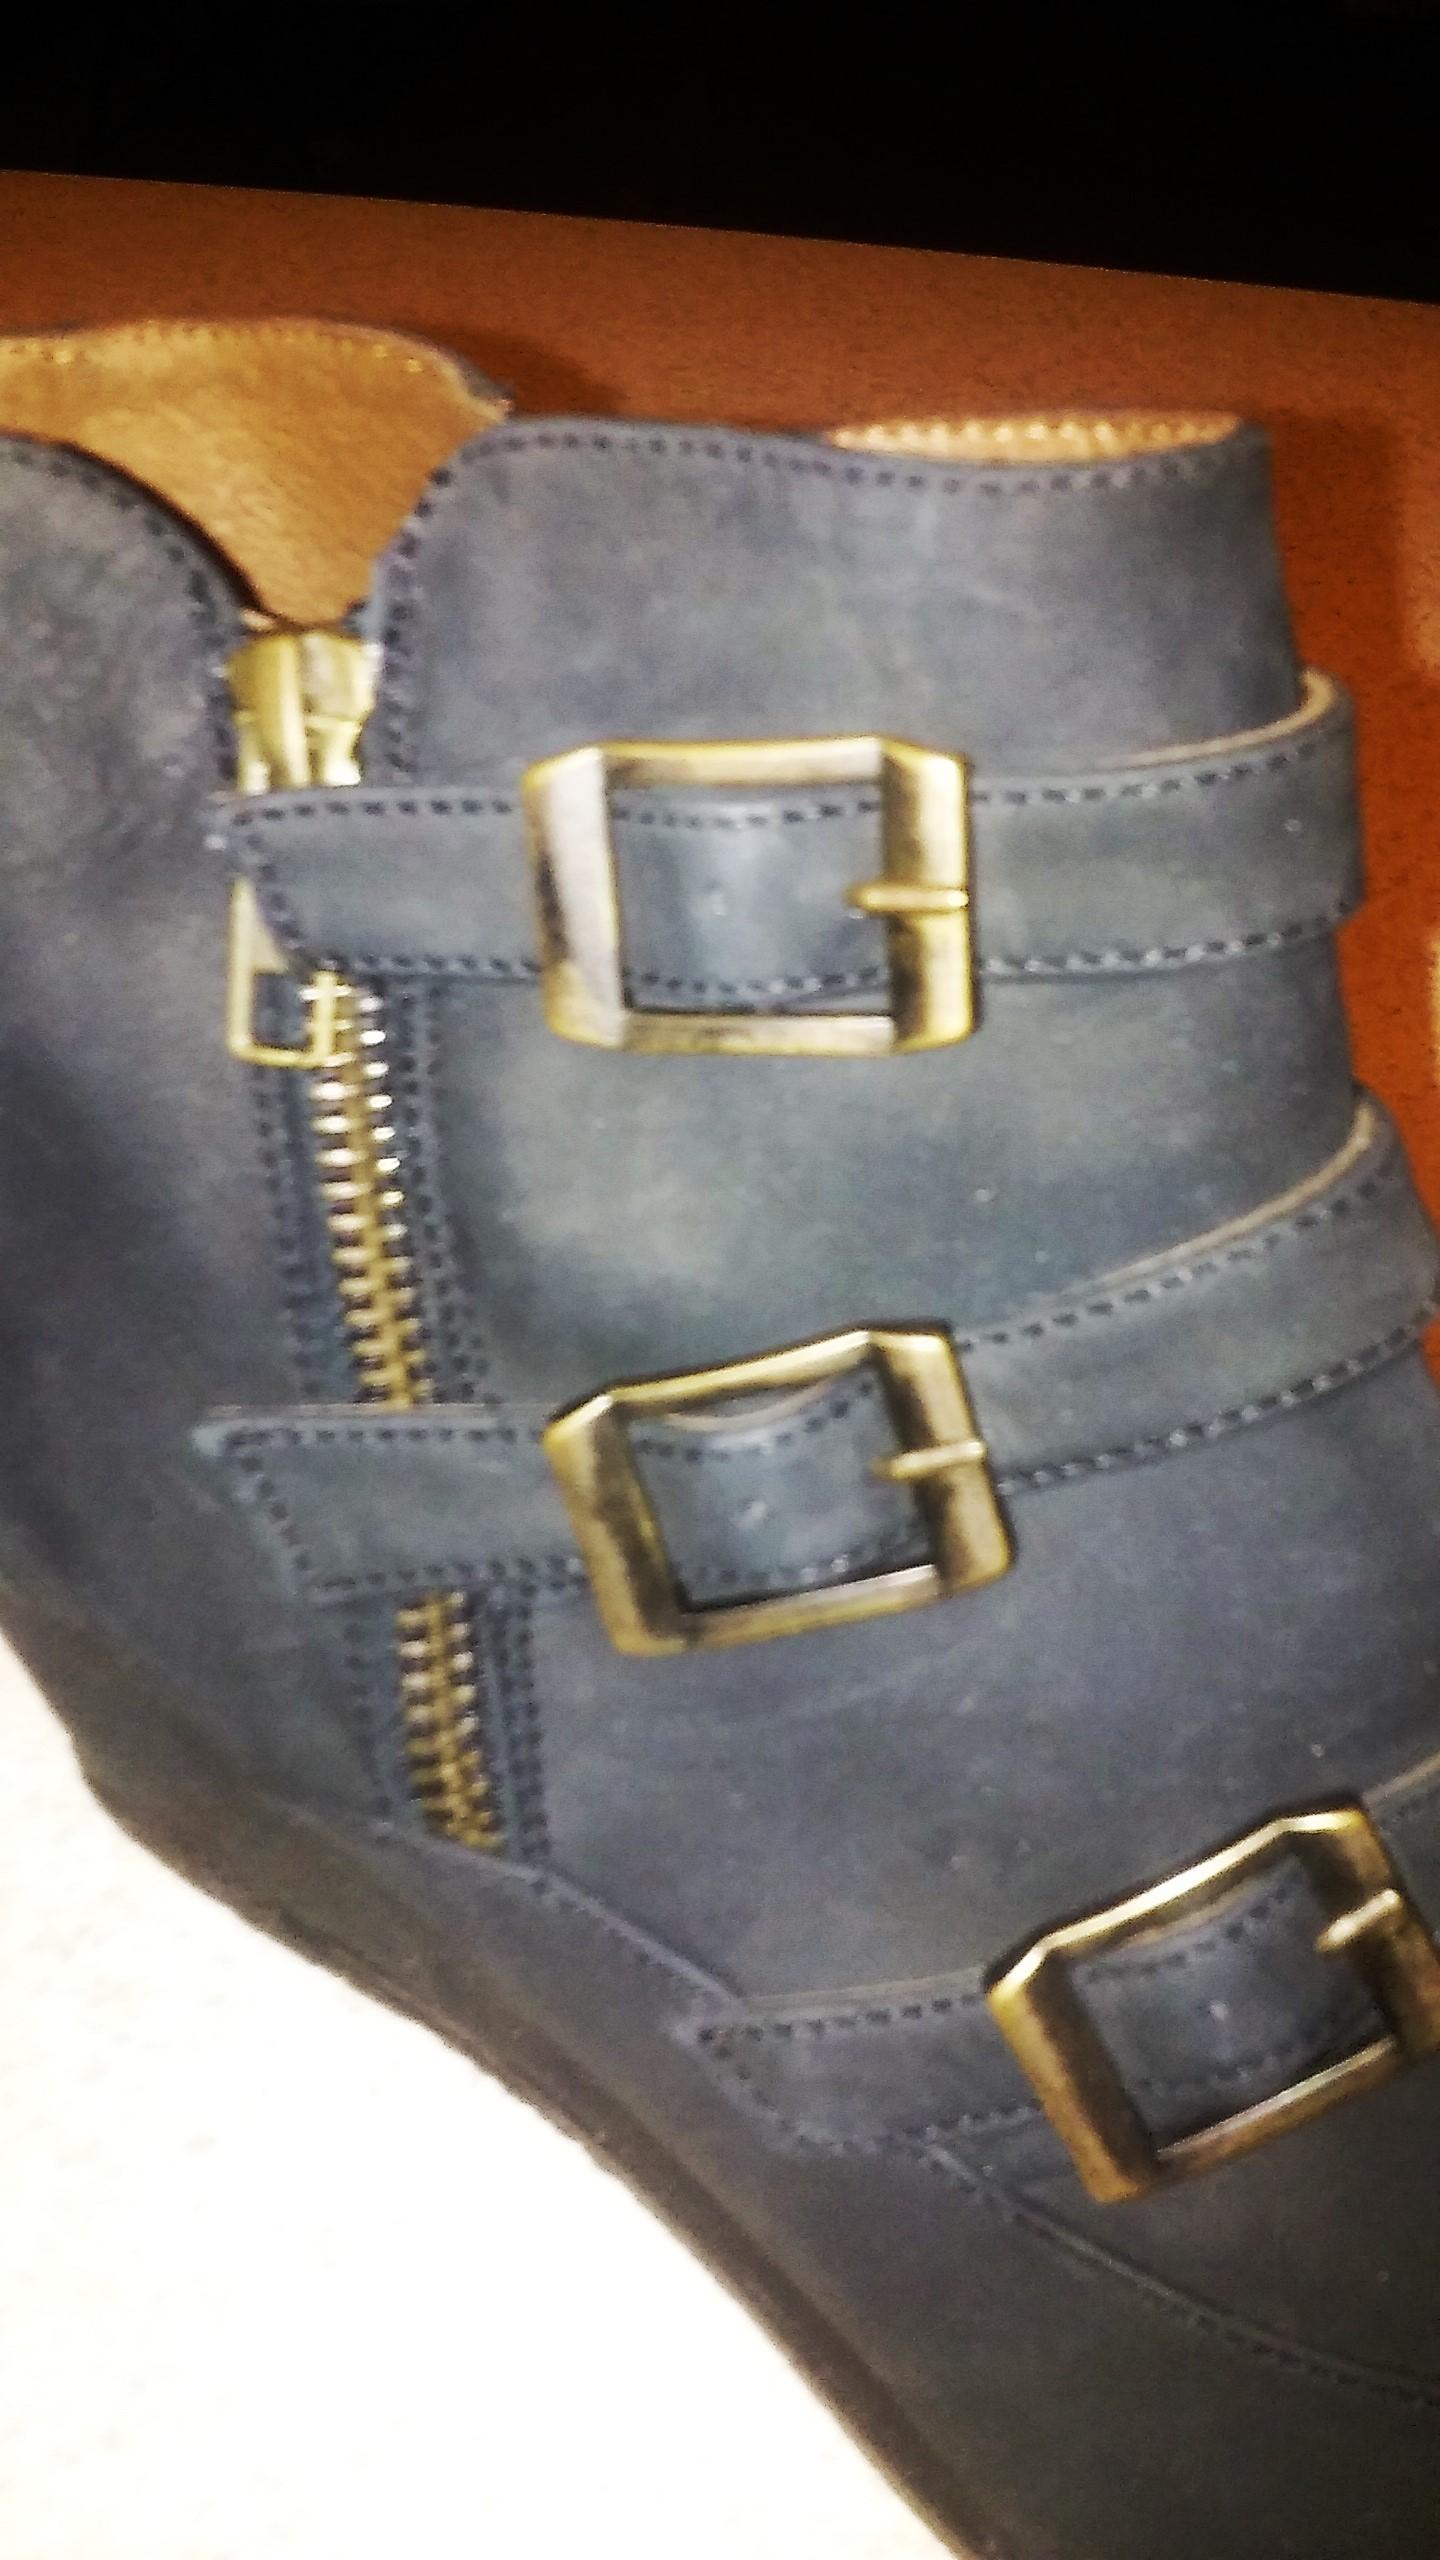 Ogłoszenie darmowe. Lokalizacja:  Trenton Princeton  NJ. KUPIĘ / SPRZEDAM - Odzież. buty nowe,skora rozmiar 8 czarne.